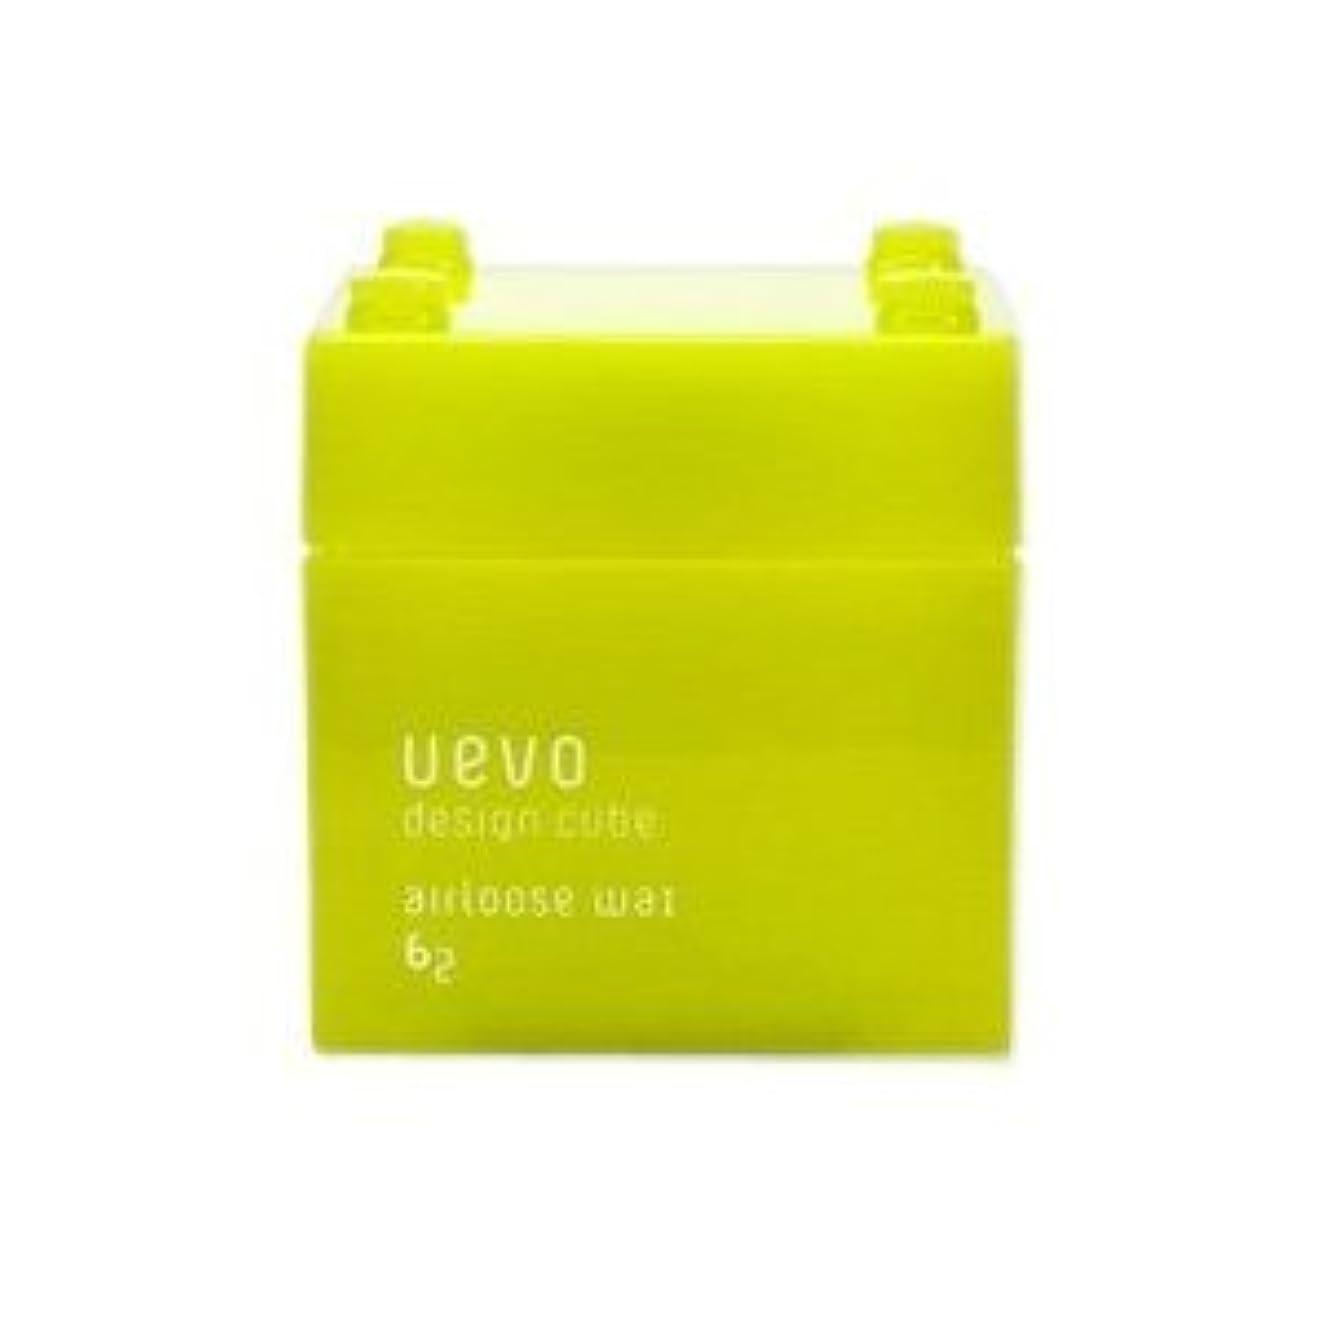 チャート姪海岸【X2個セット】 デミ ウェーボ デザインキューブ エアルーズワックス 80g airloose wax DEMI uevo design cube